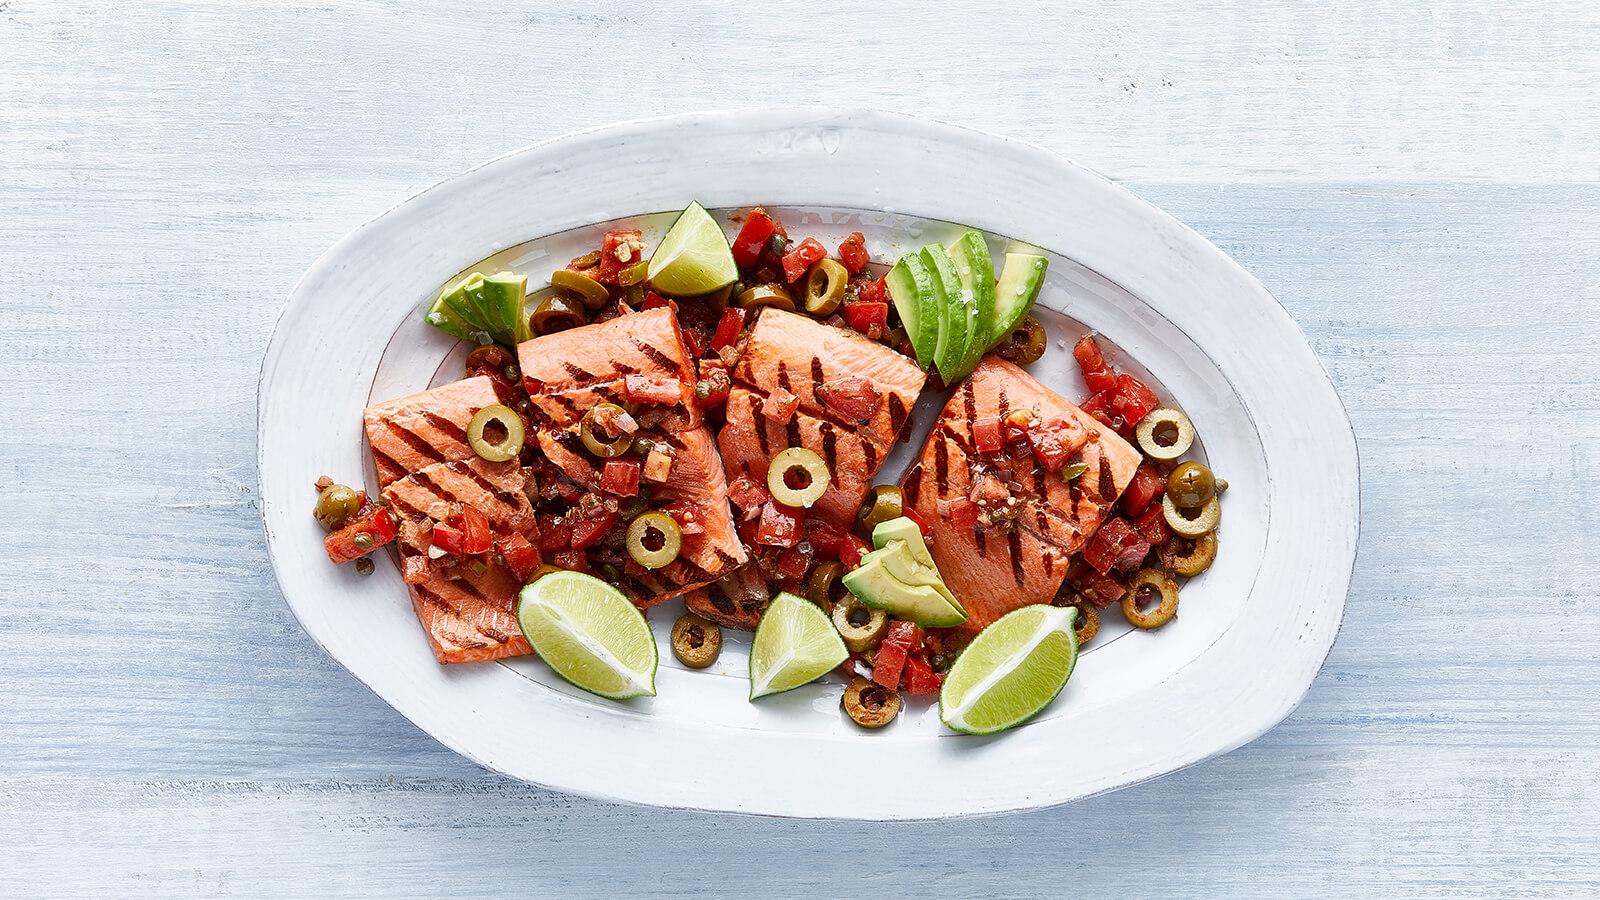 Santap-Hidangan-Salmon-Ala-Lousiana-1